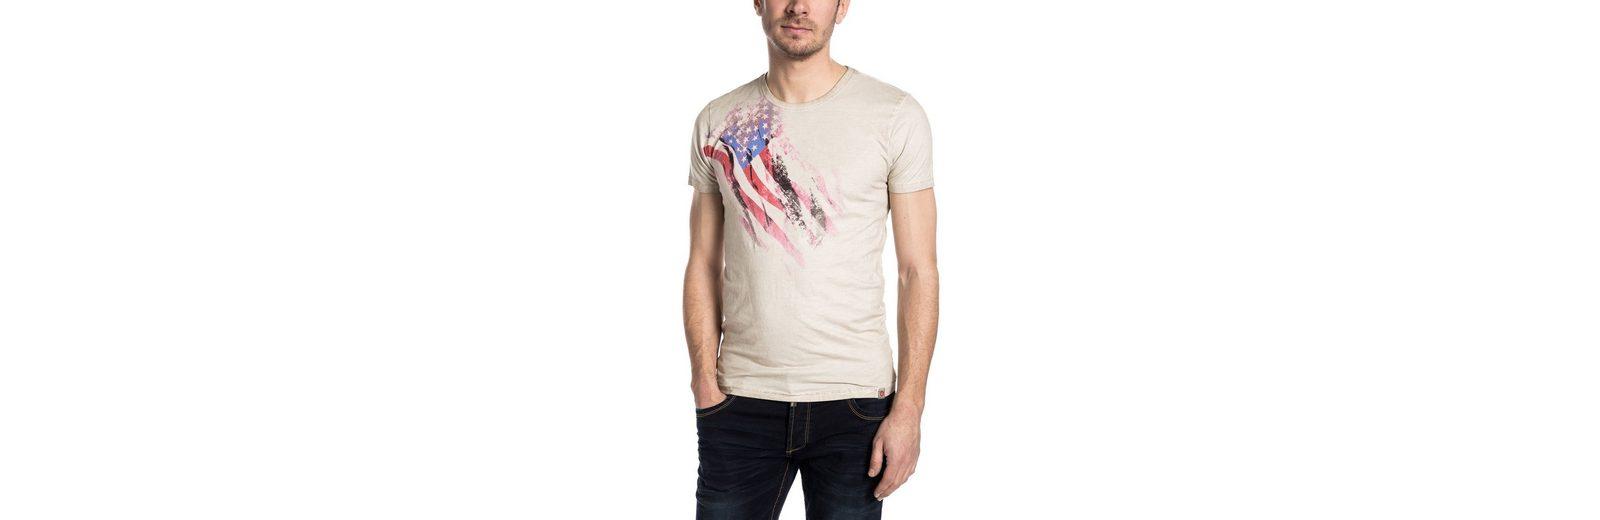 Billige Sneakernews TIMEZONE T-Shirts (kurzarm) TheStandardTZ Vorbestellung ffYzLdC